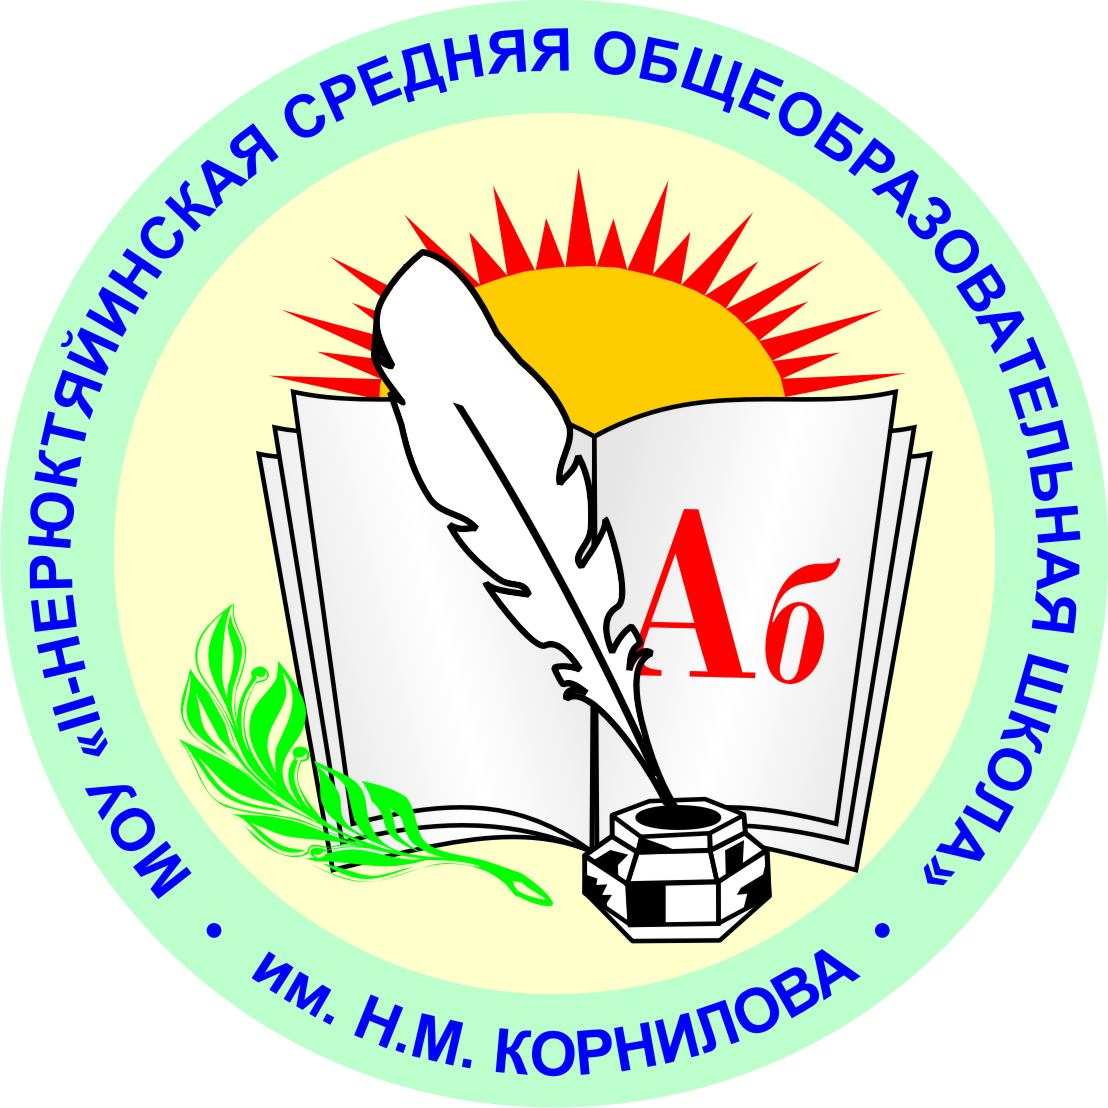 Эмблема для конкурса по истории